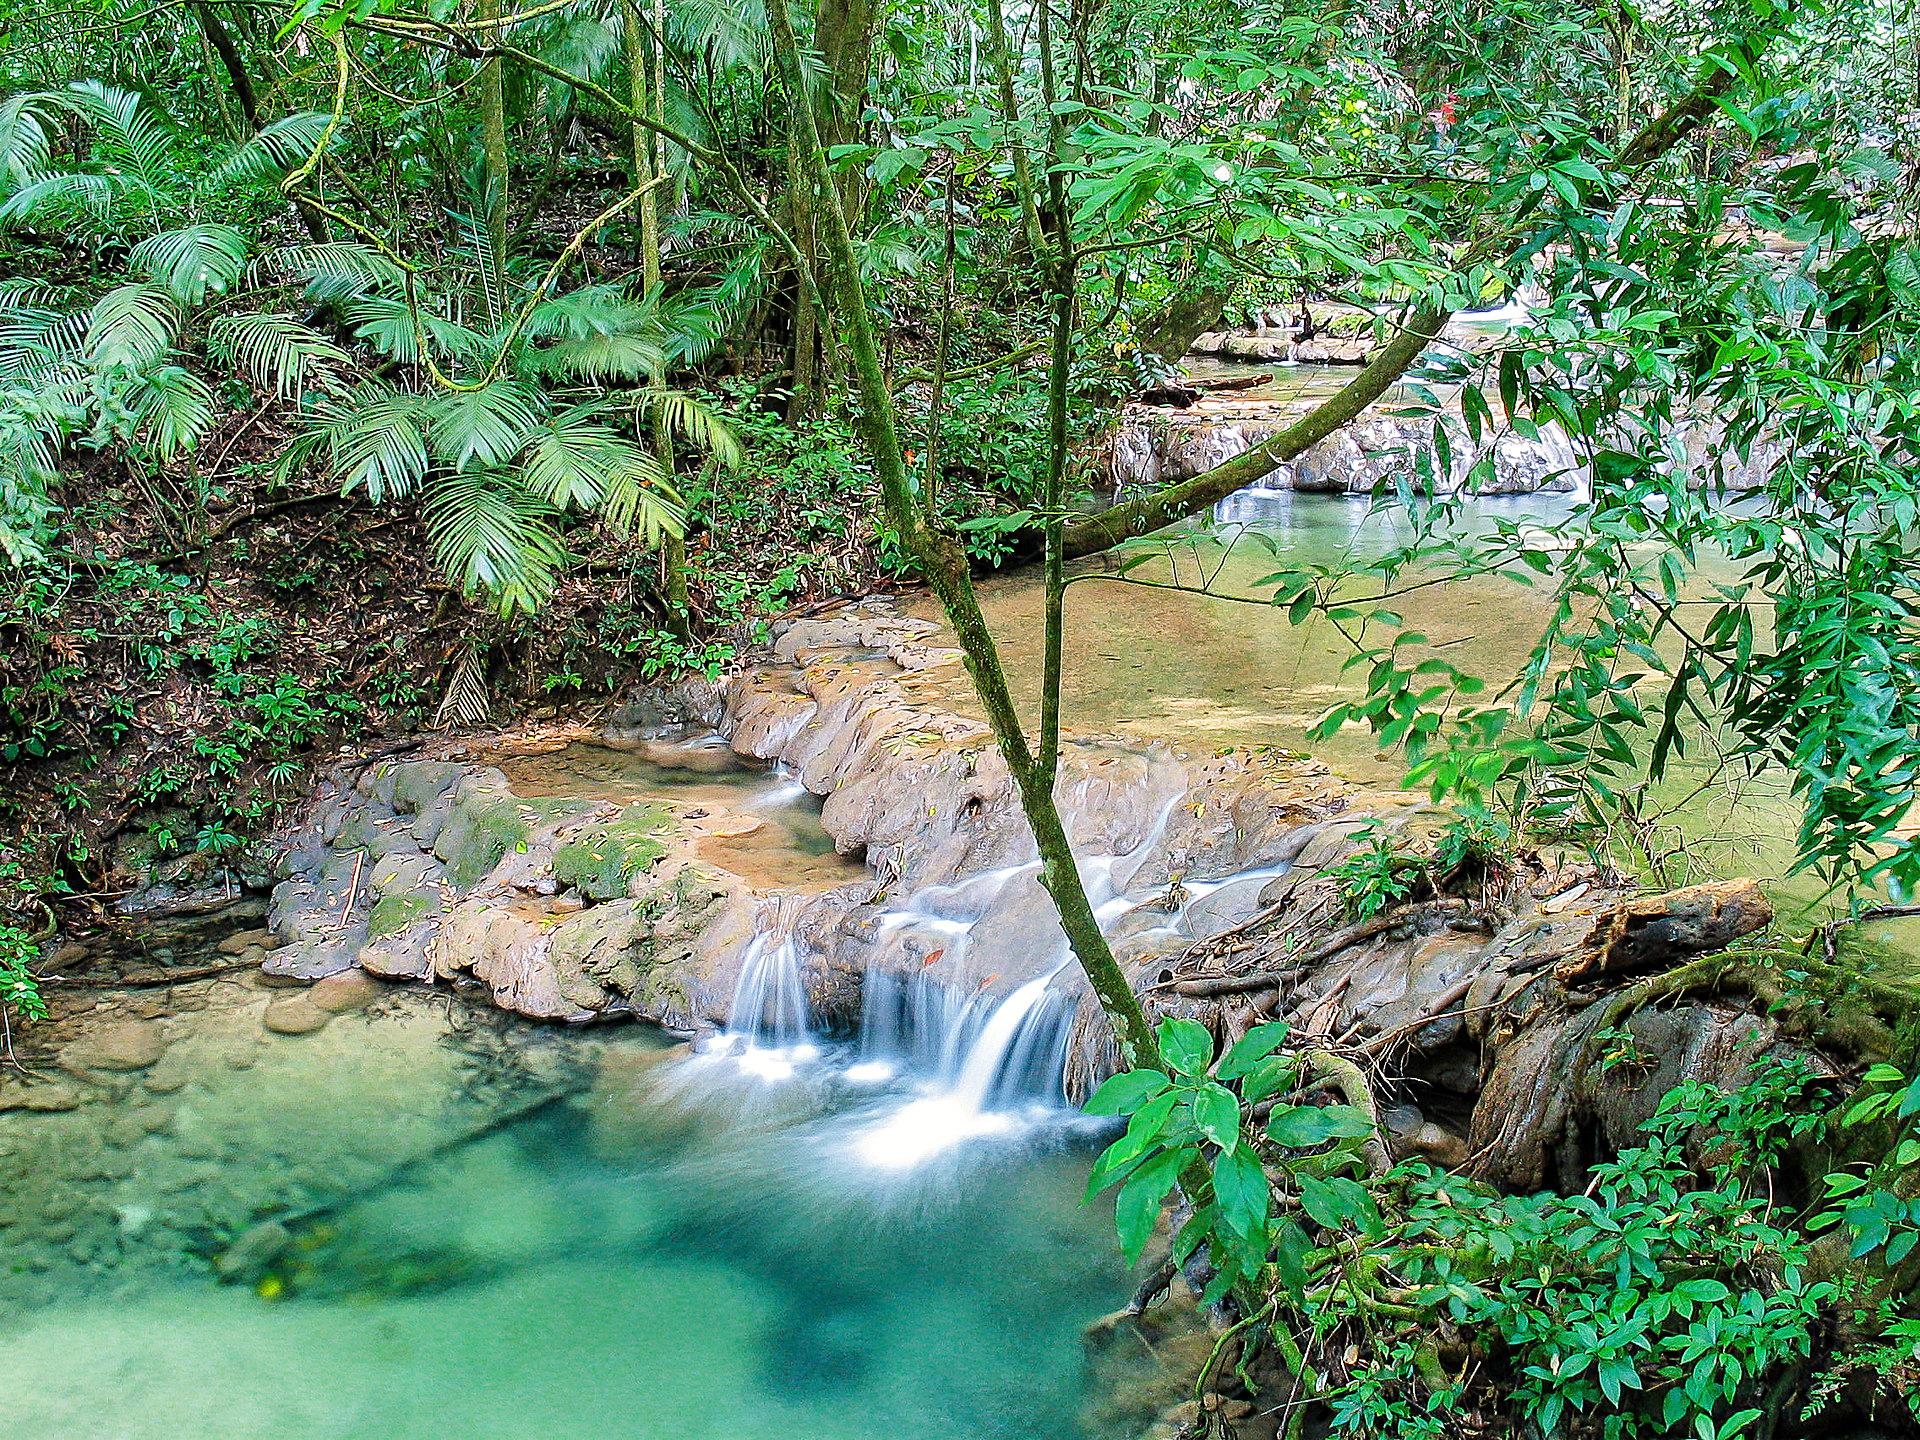 Wasserfall Im Regenwald Bei Palenque Mexiko